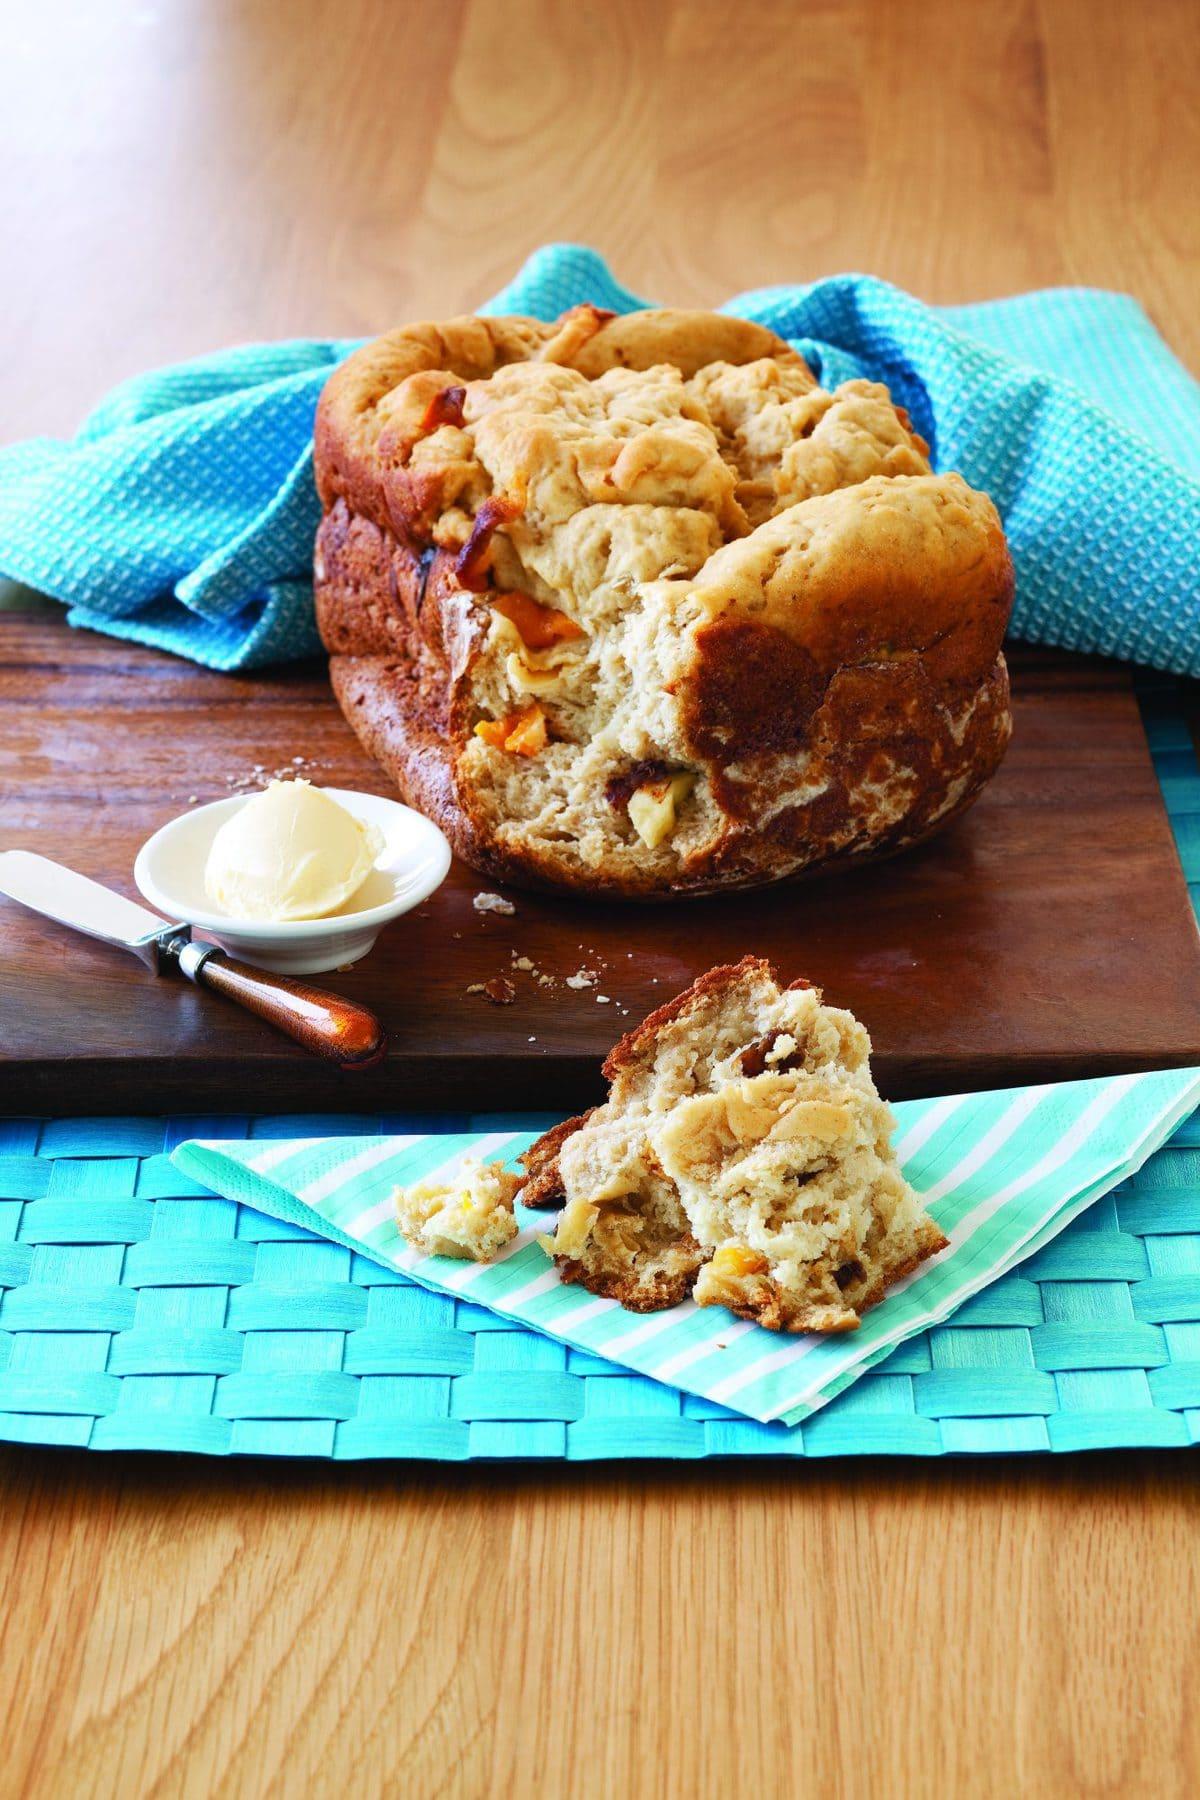 Gluten-free fruit bread